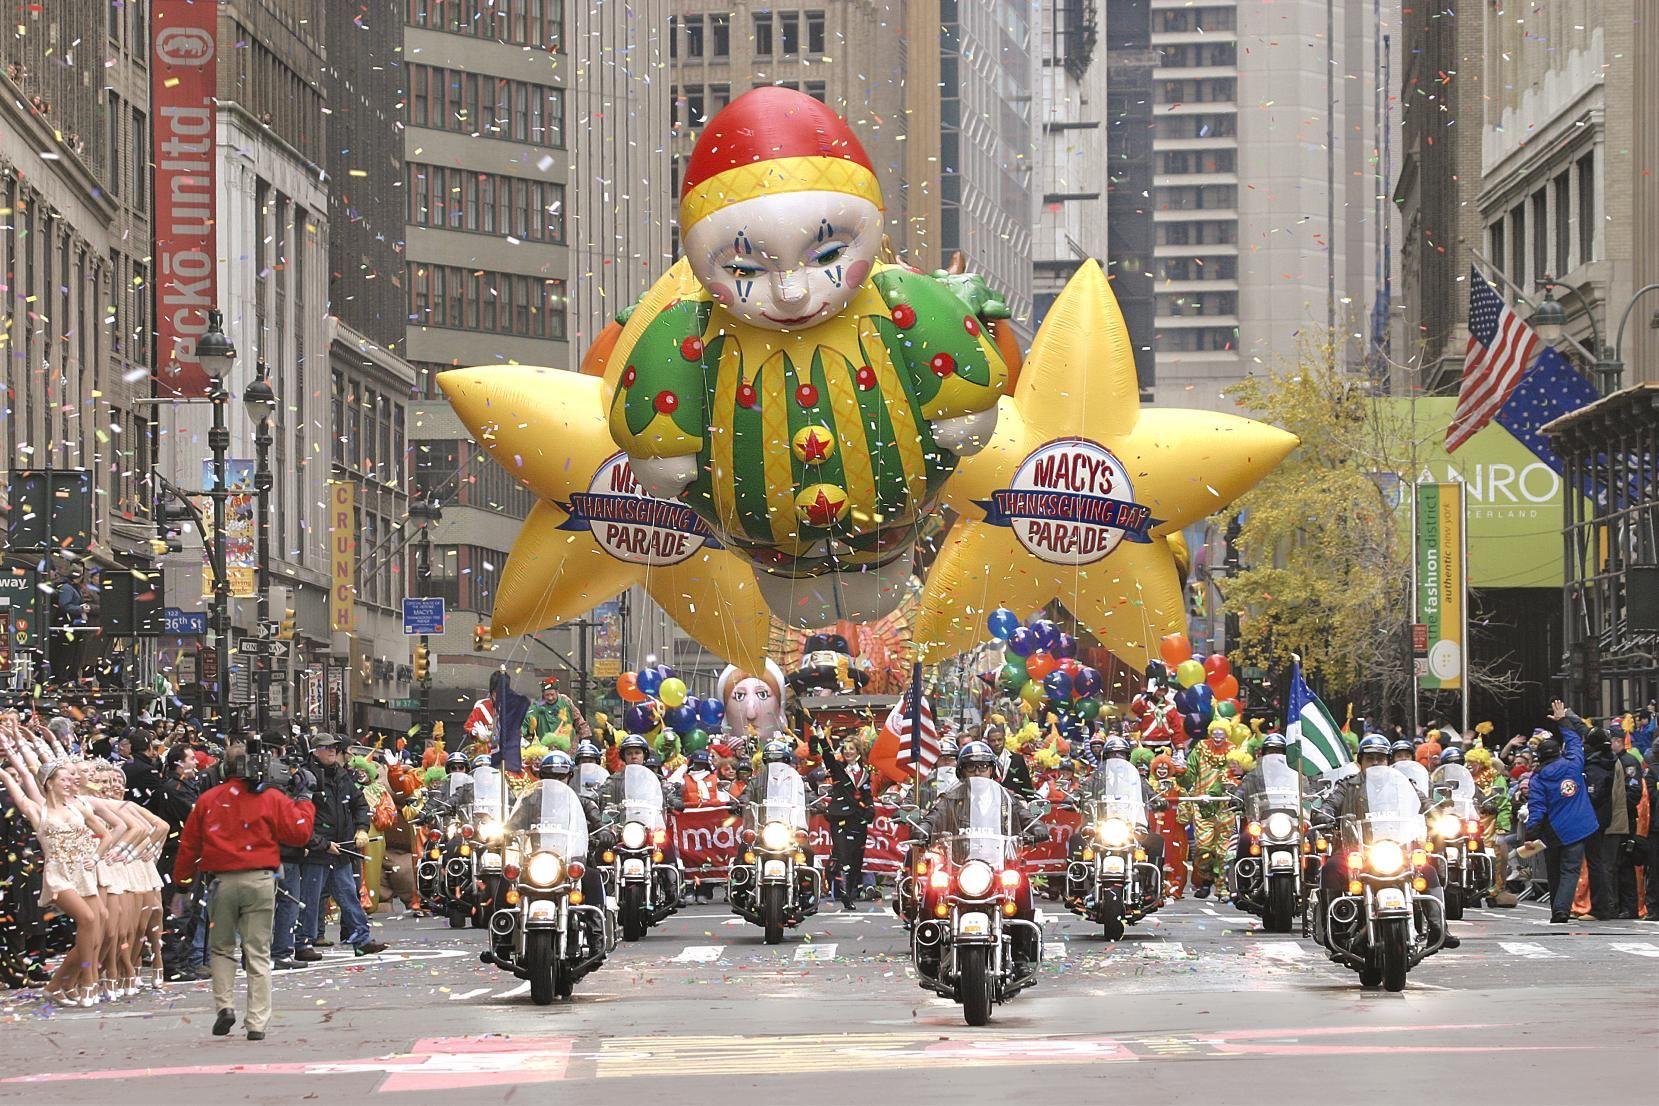 Parade Thanksgiving Nyc Macys Macy S Thanksgiving Day Parade Thanksgiving Day Parade Macys Thanksgiving Parade